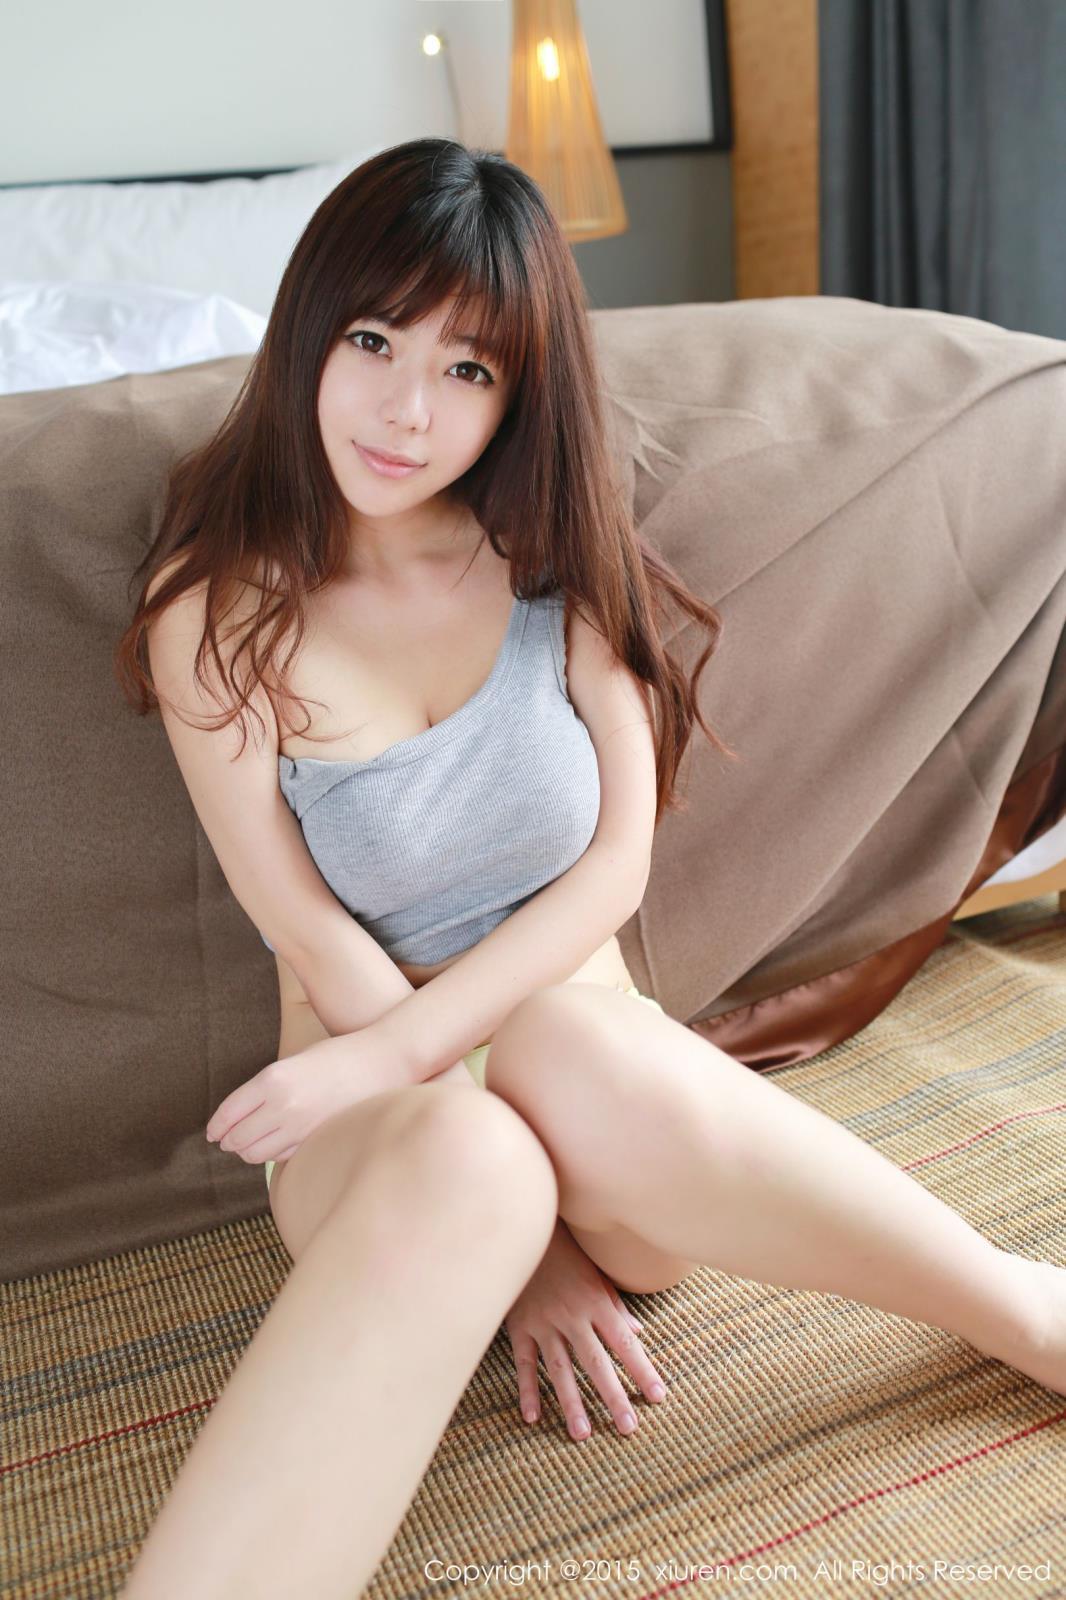 秀人网嫩模刘飞儿Faye西冲海边比基尼巨乳诱惑旅拍